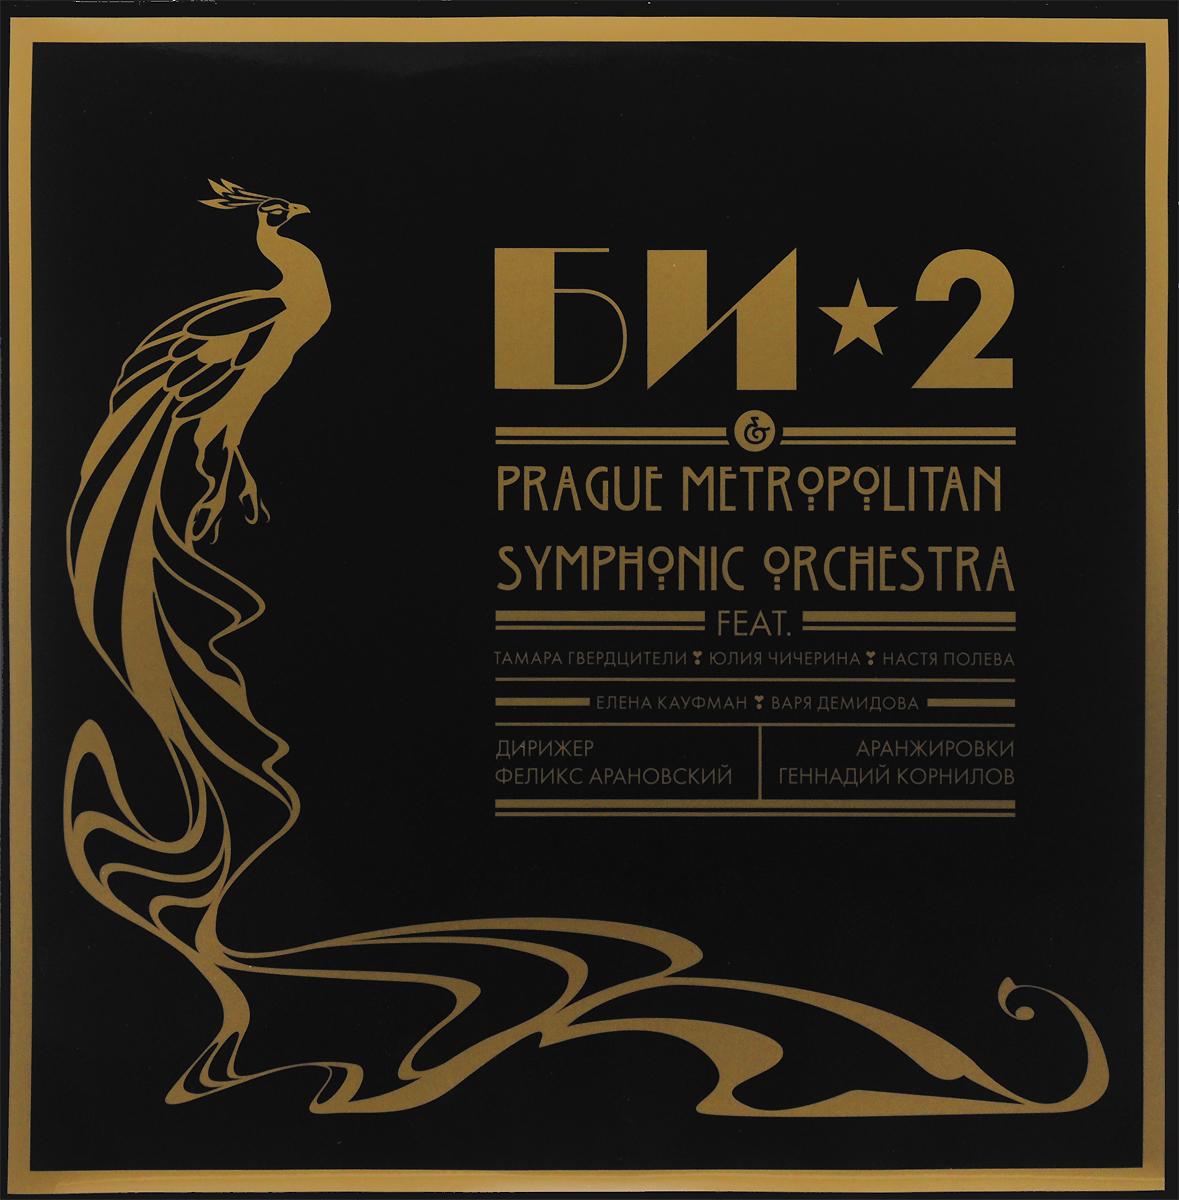 Би-2 Би-2. Prague Metropolitan Symphonic Orchestra (2 LP) би 2 – prague metropolitan symphonic orchestra vol 2 cd